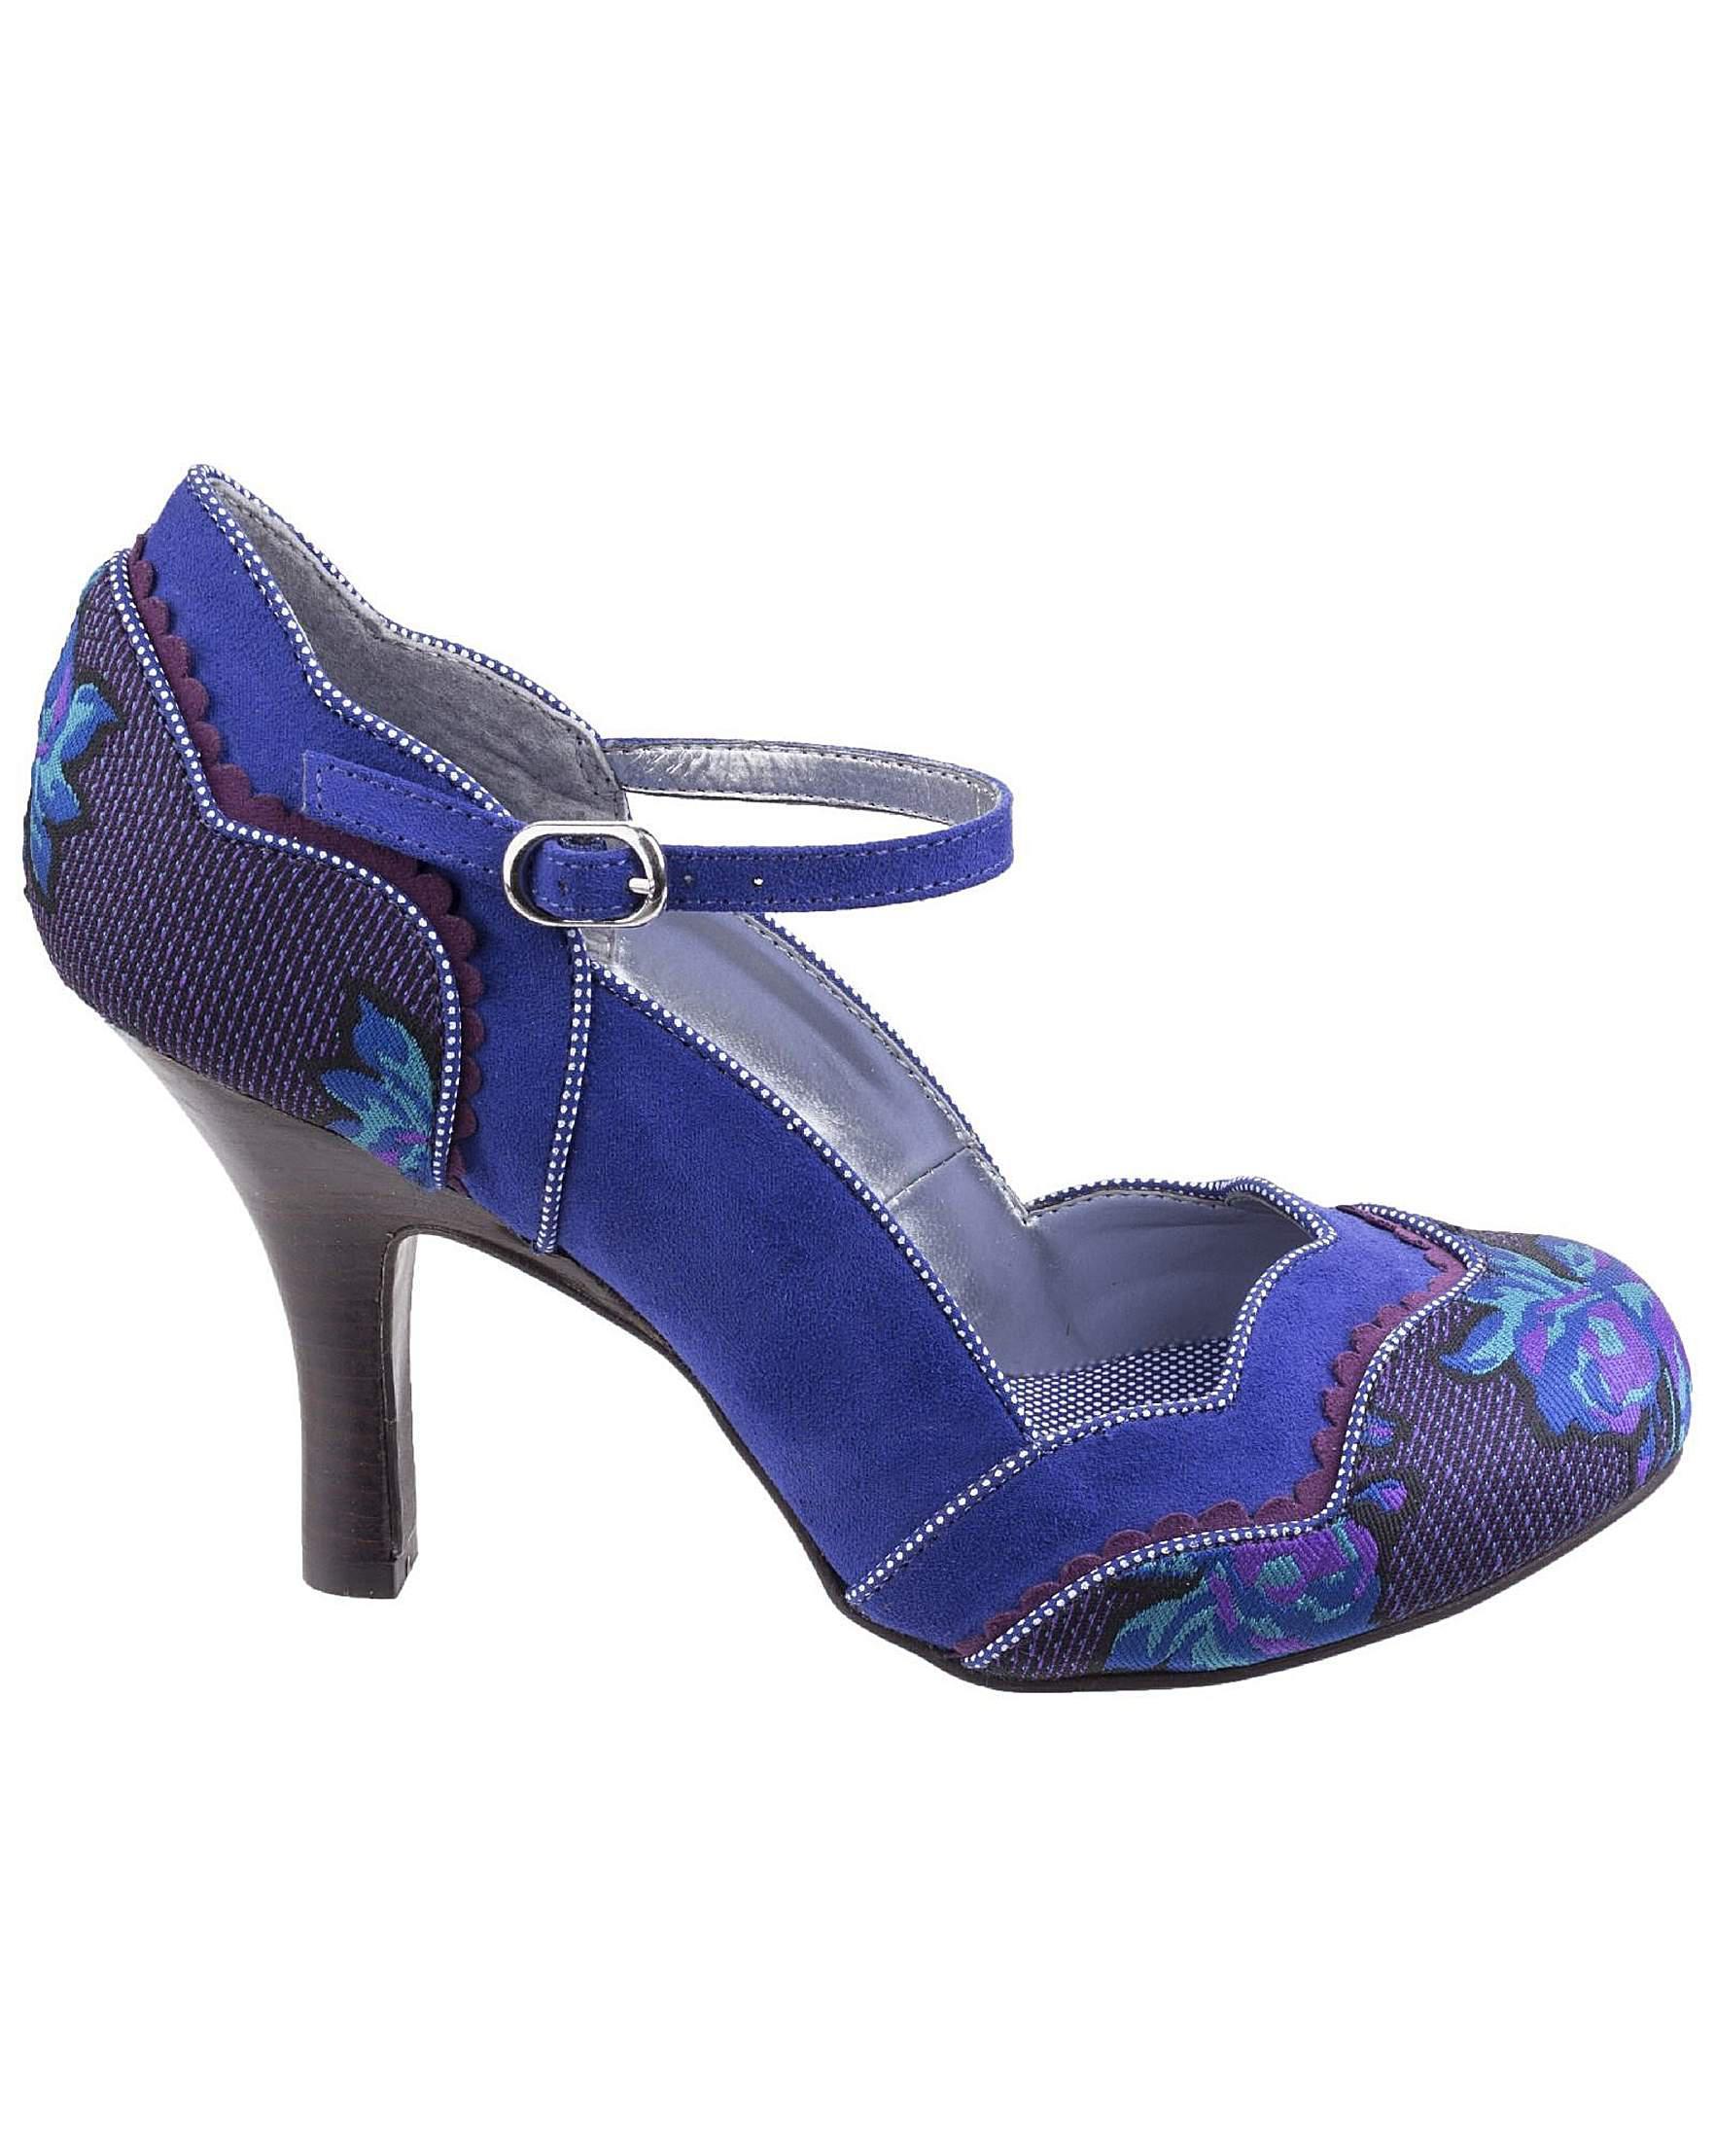 b089cfbd52db Ruby Shoo Imogen Stiletto Court Shoe in Blue - Lyst